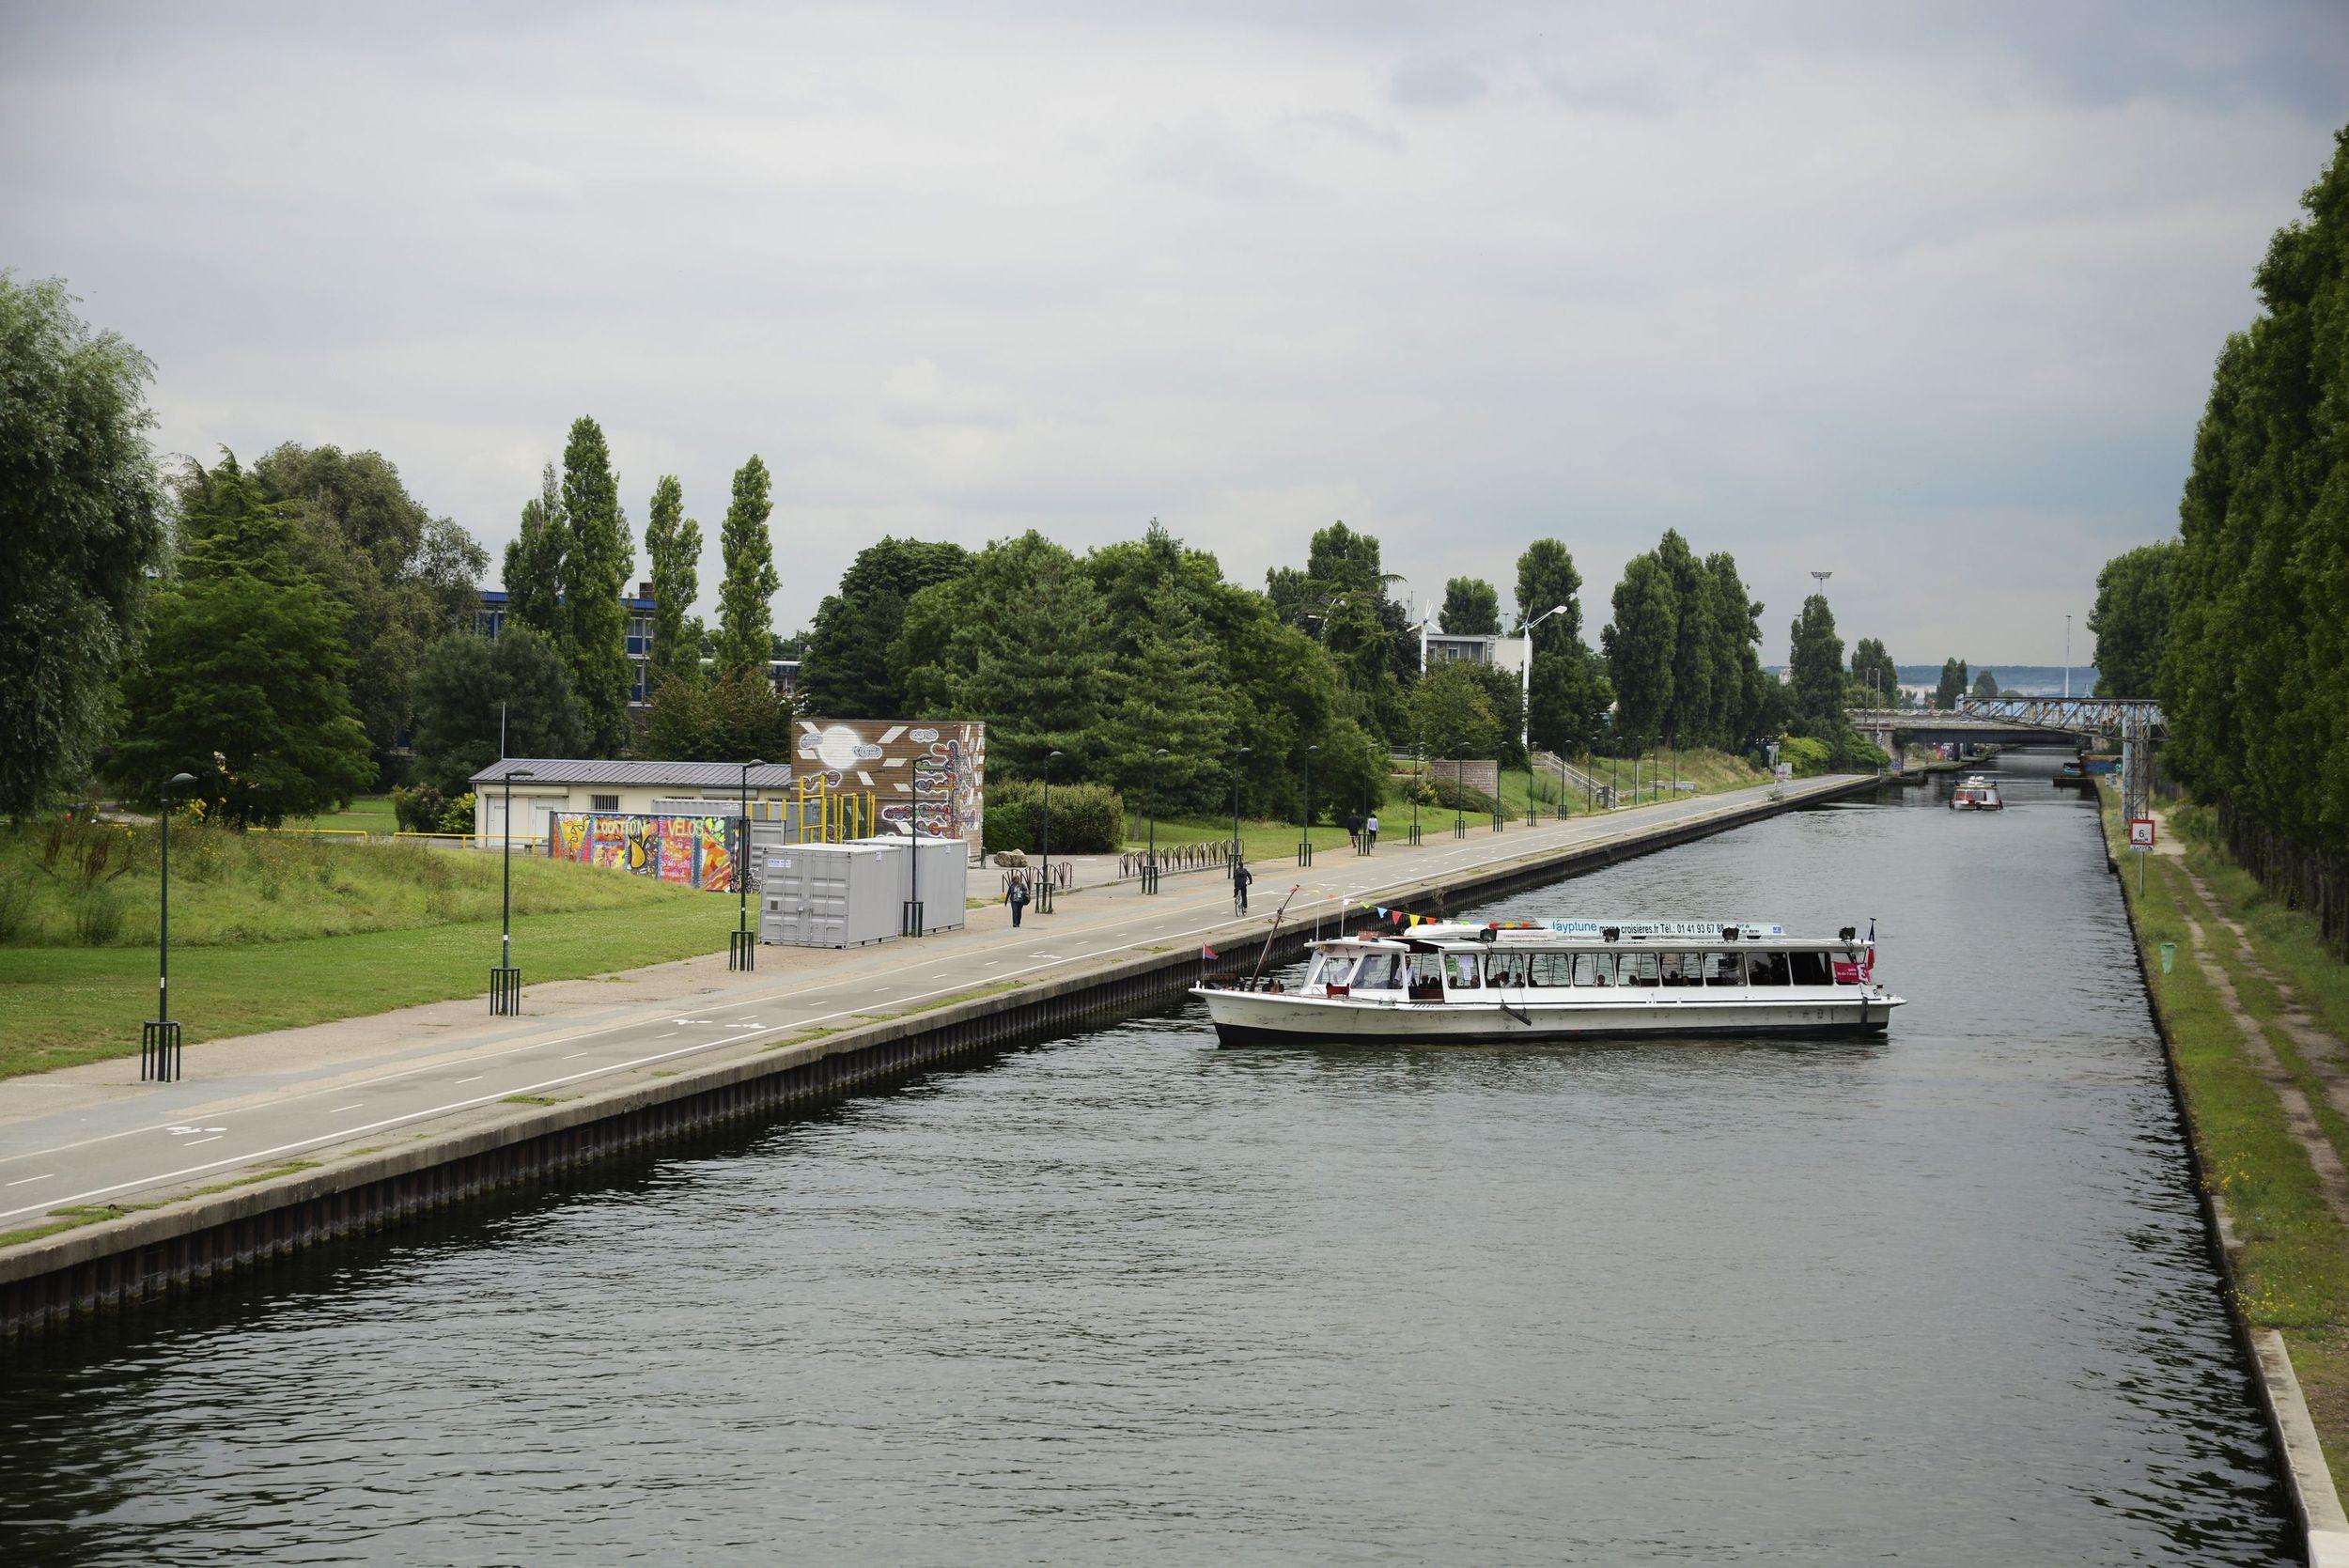 Bateau sur le canal de l'Ourcq Parc de la Bergère